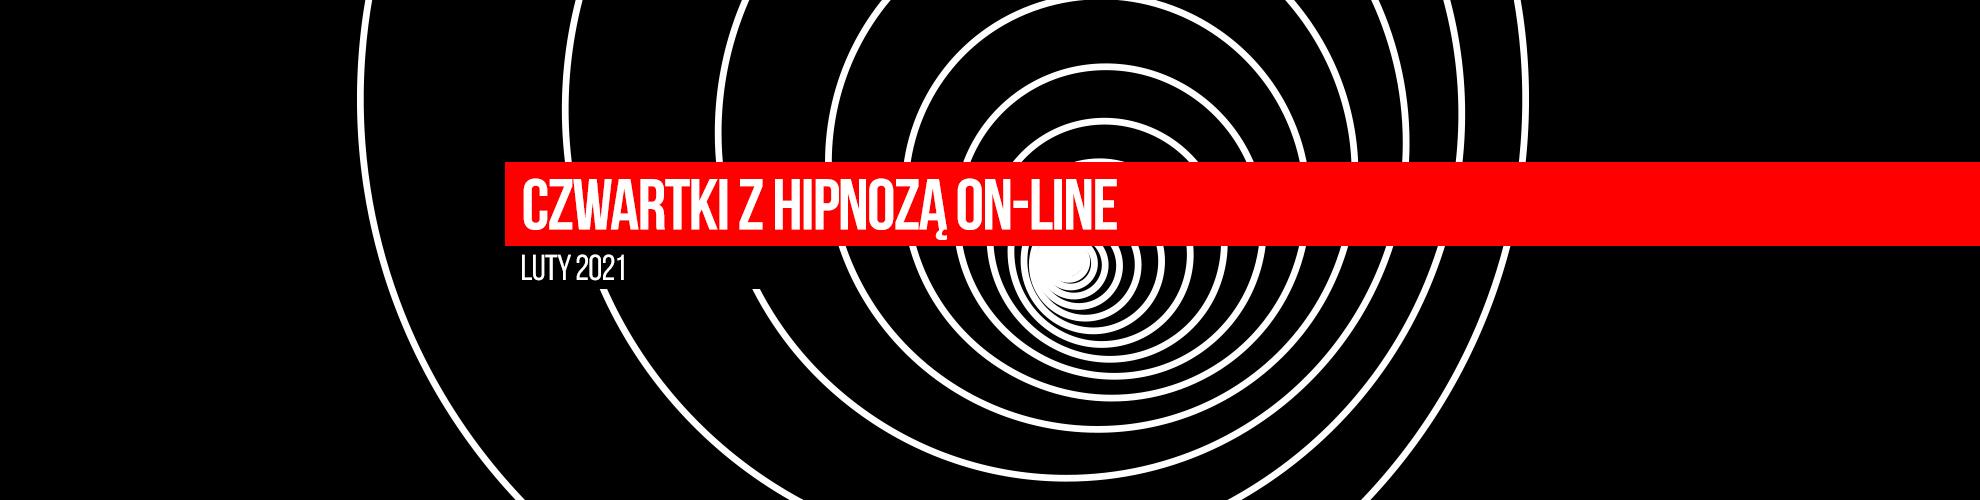 CZWARTKI-Z-HIPNOZA-DUZY-1